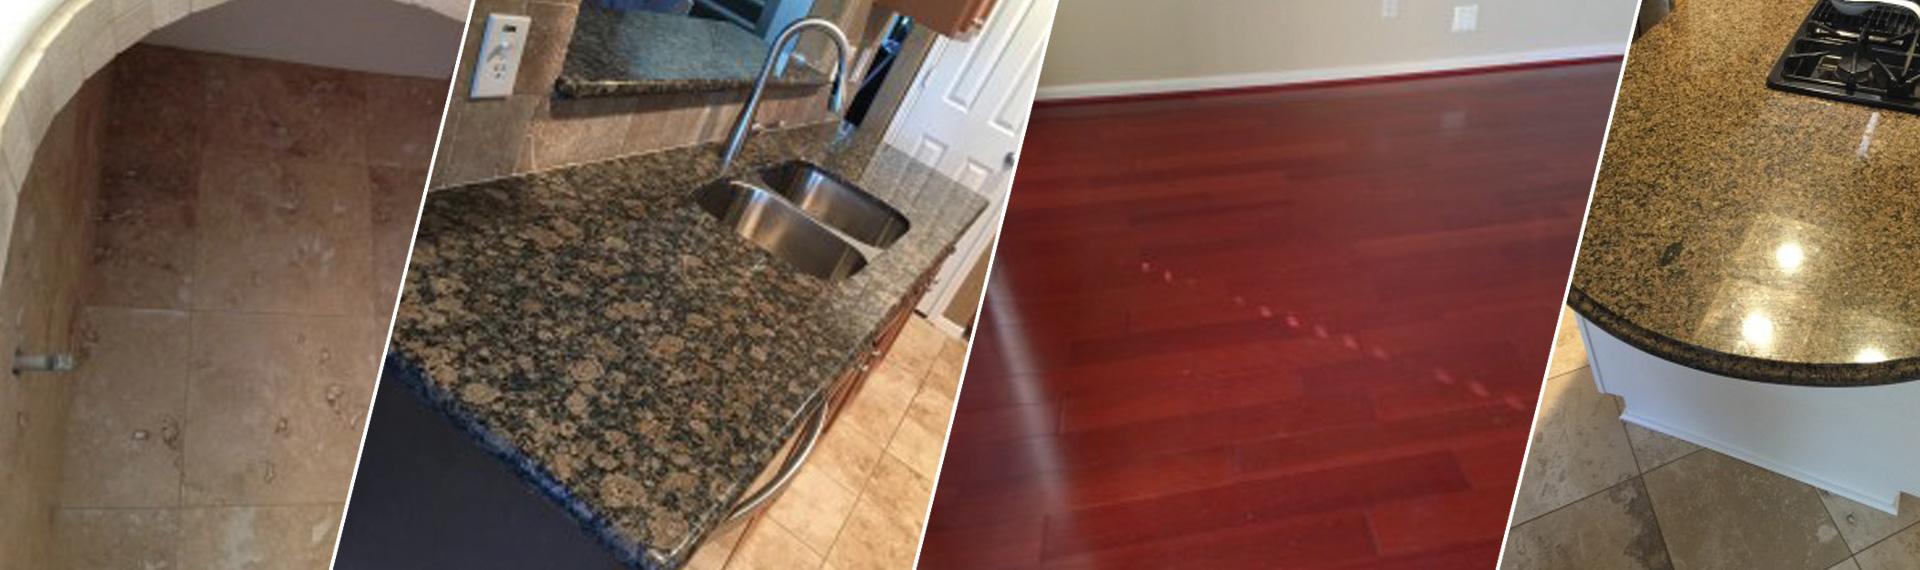 4 All Granite & Tile & Wood Installation Houston TX